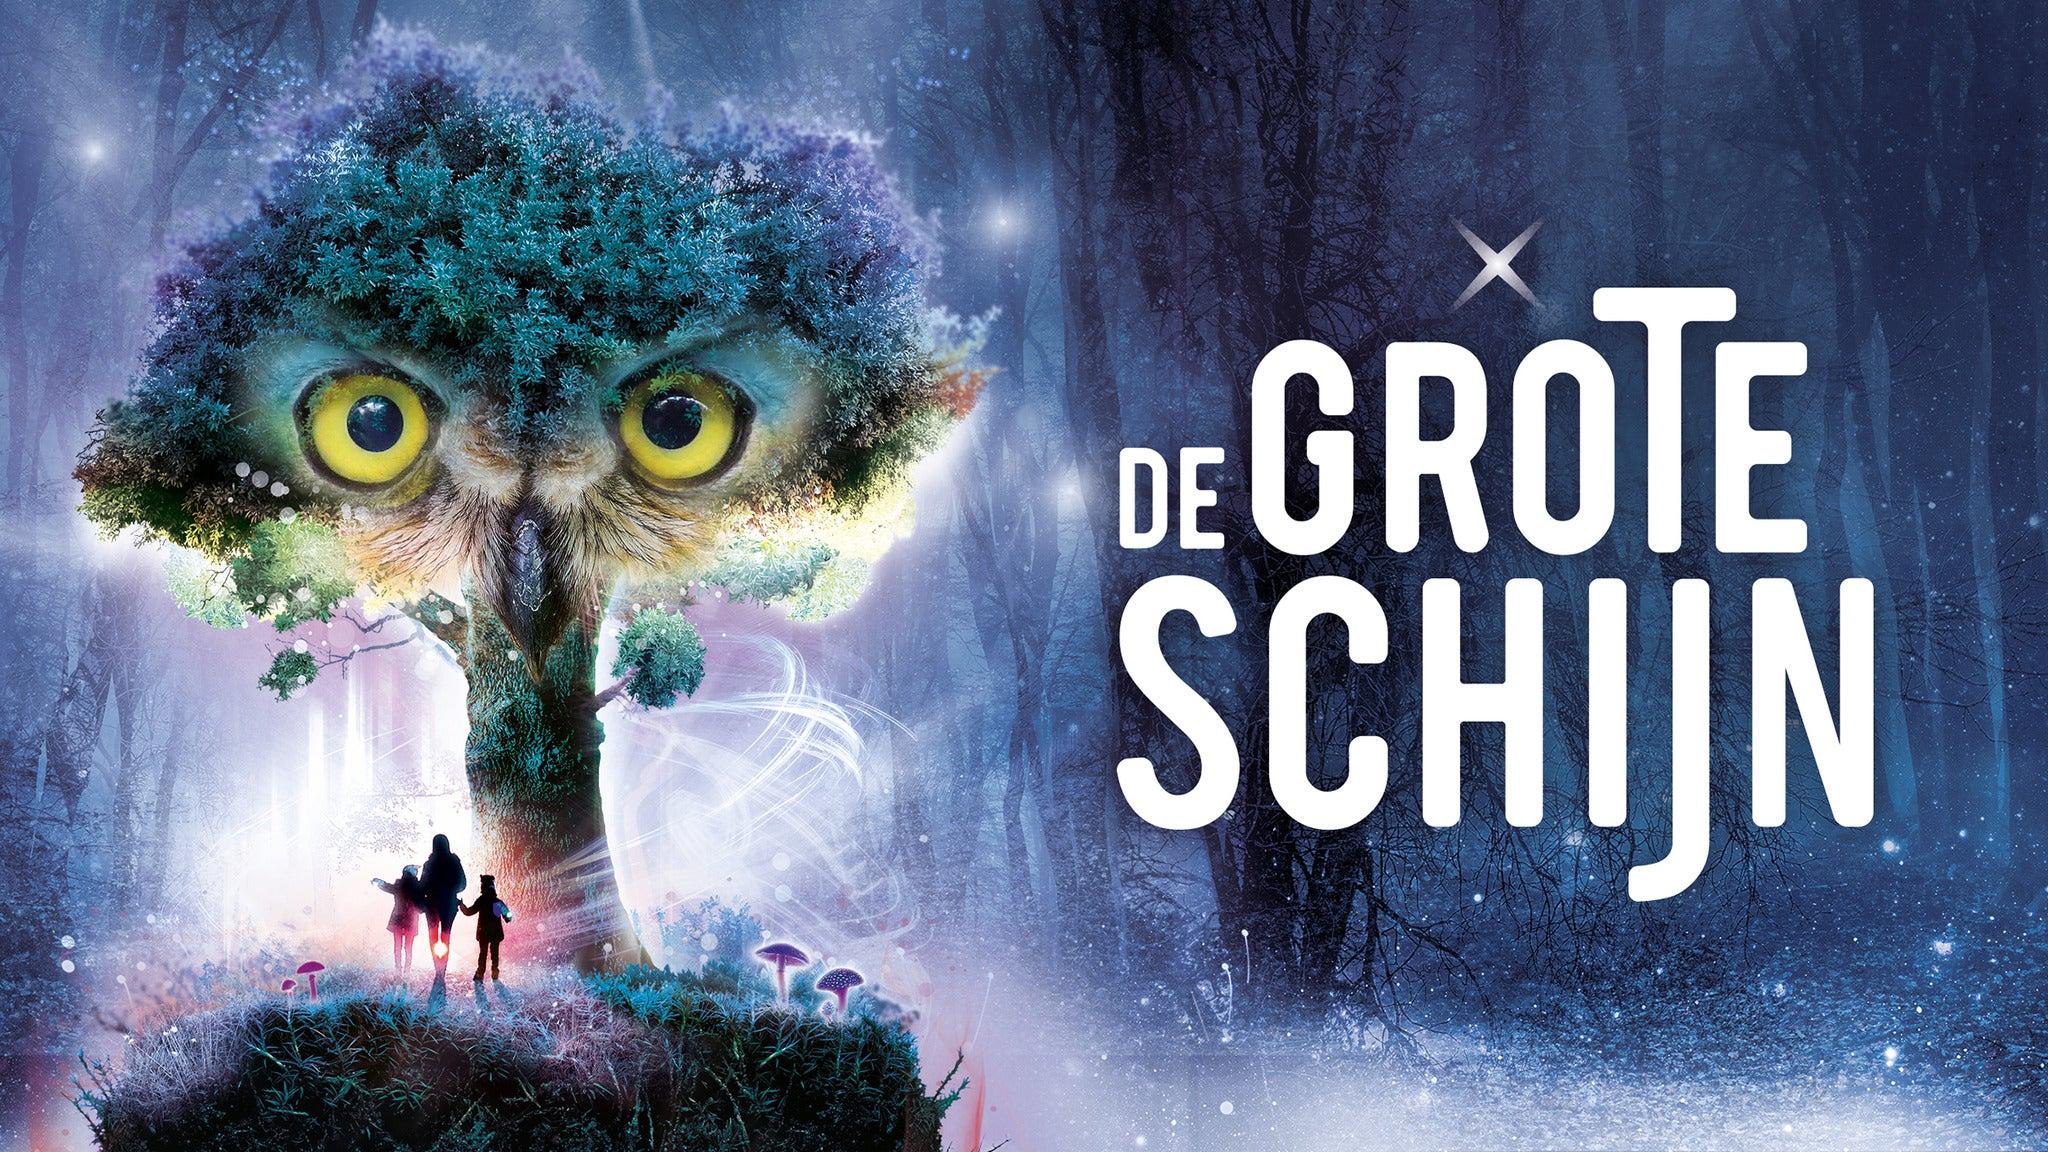 De Grote Schijn - Arnhem | Entry between 18:45 - 19:00